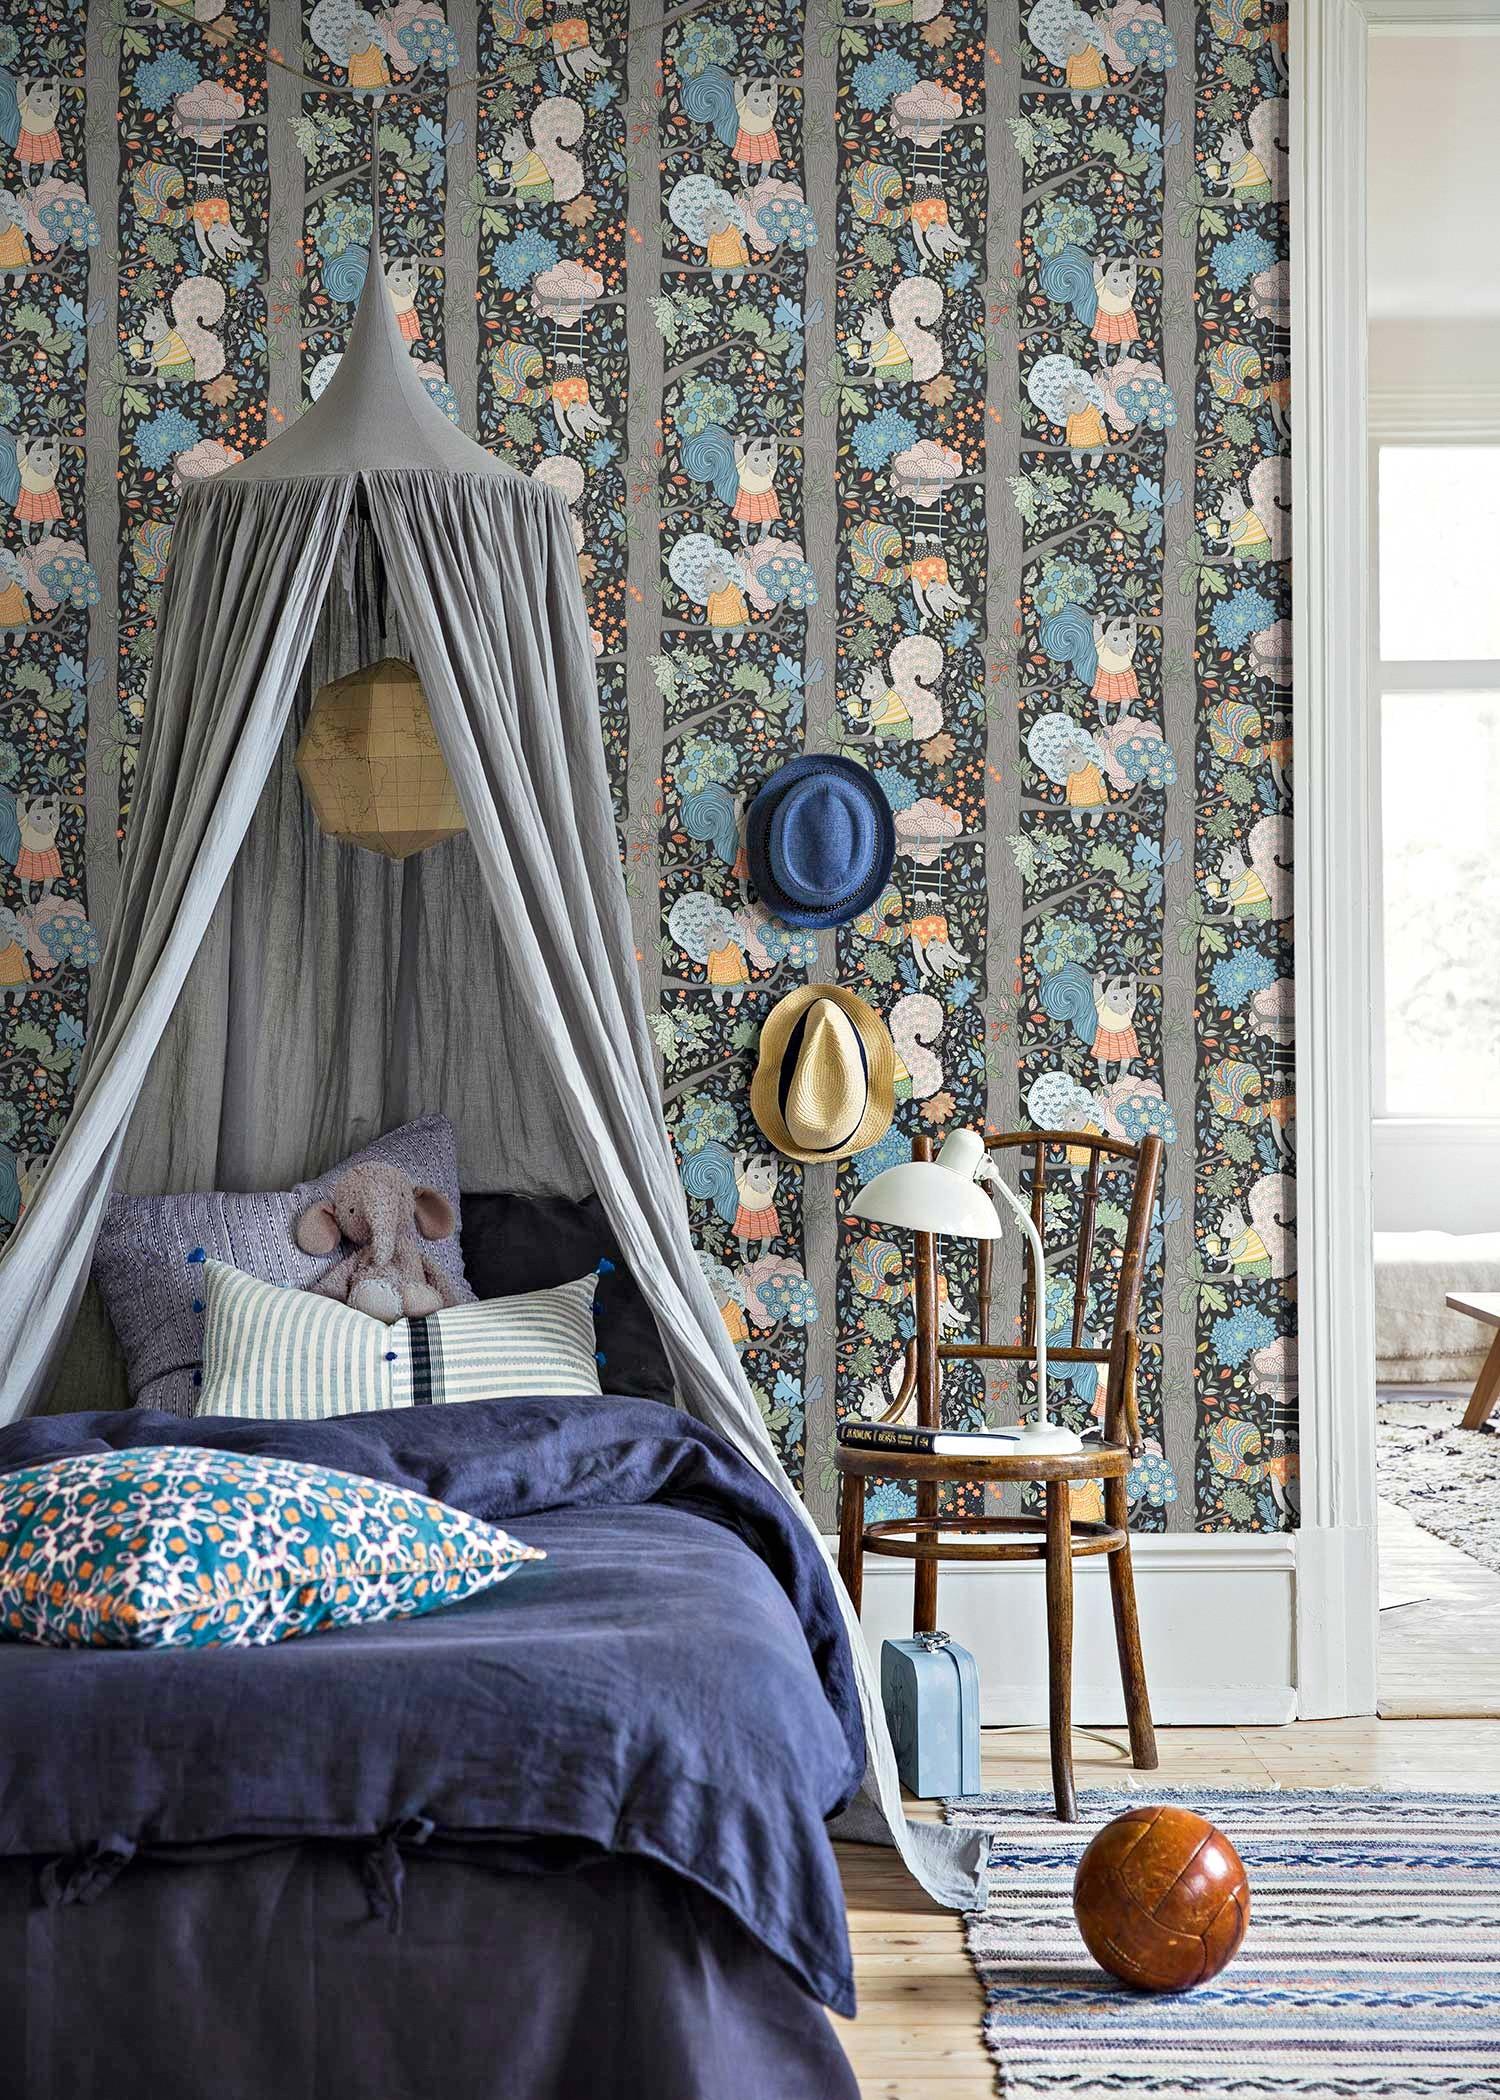 Среди модных трендов —крупные орнаменты на обояхи комбинация насыщенных ярких синих и зелёных цветов